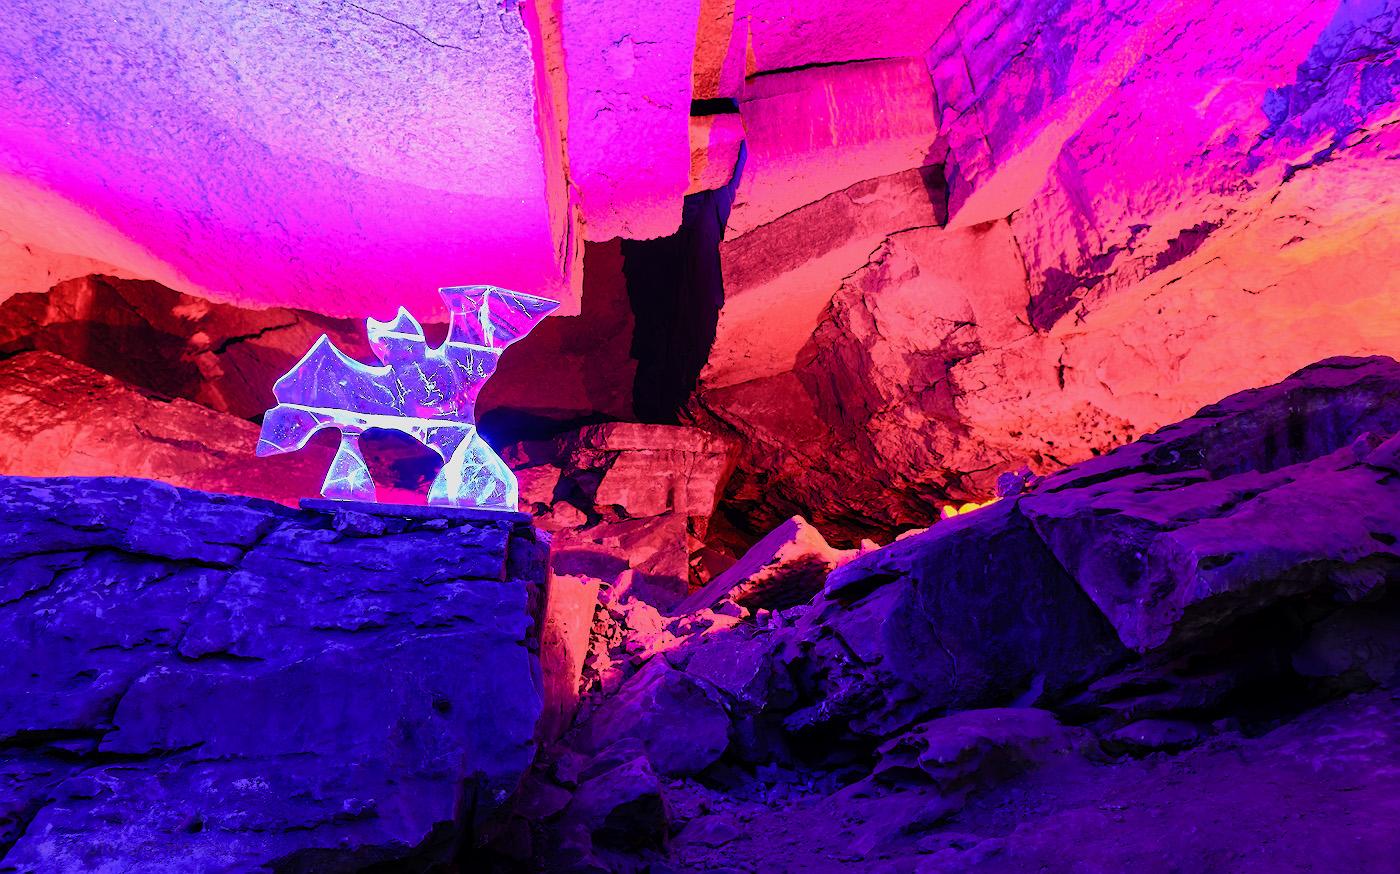 Фото 8. Ледяная летучая мышь в гроте Данте в Кунгурской пещере. Отзывы о поездке самостоятельно в Пермский край на выходные. 3.0, +0.33, 6.3, 400, 24.